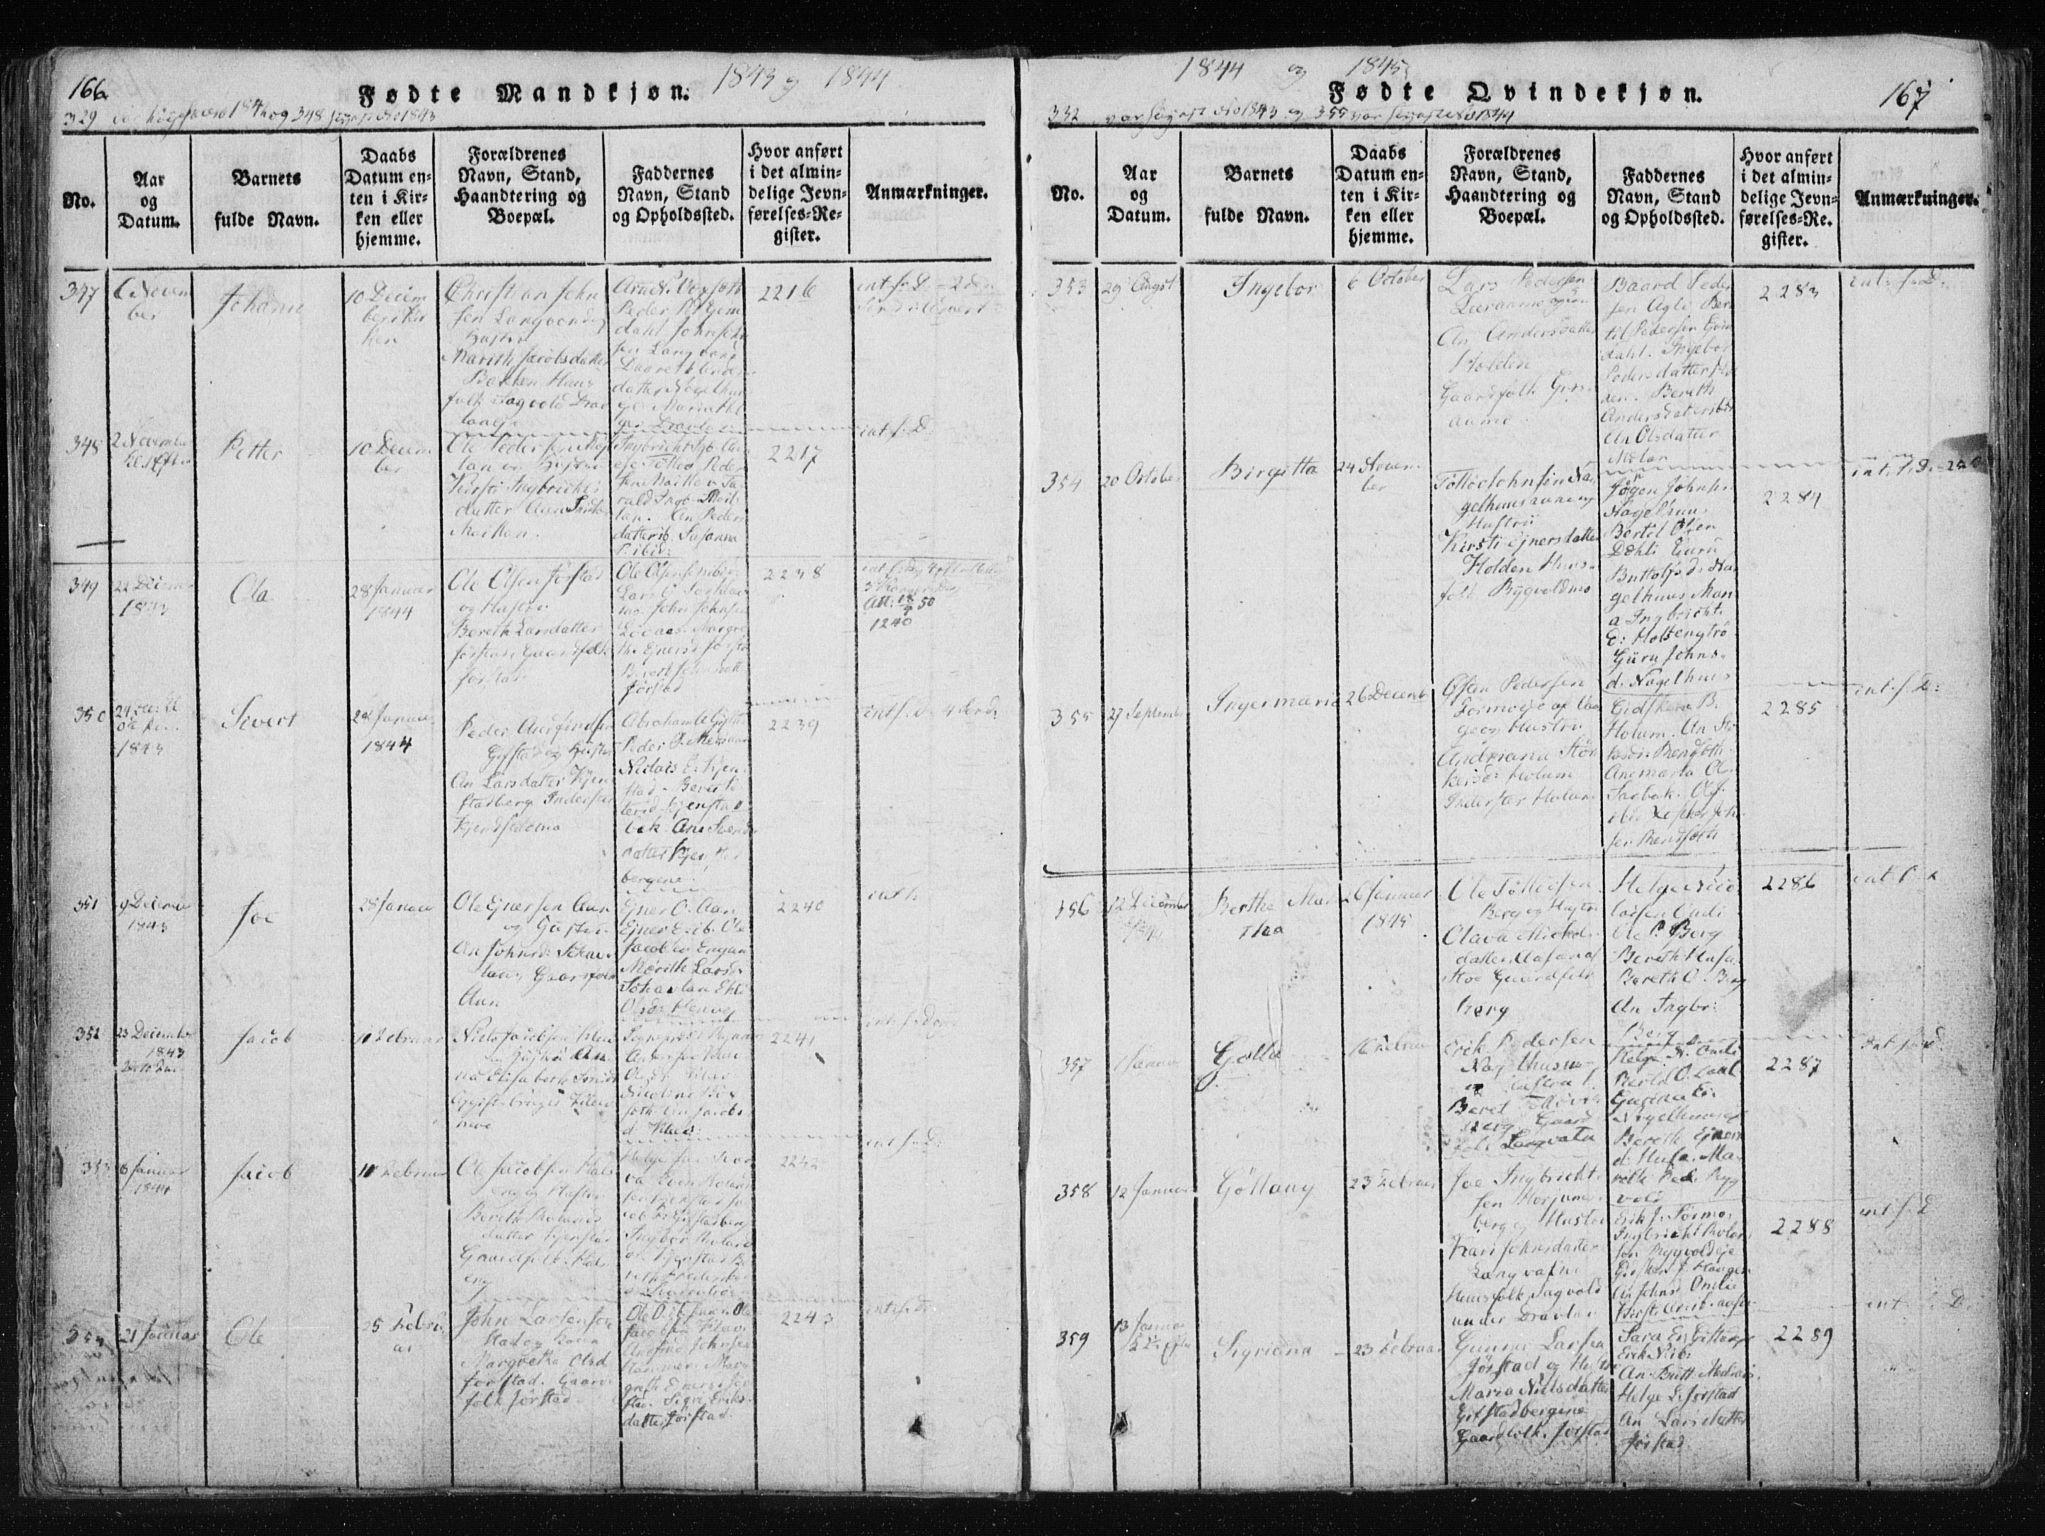 SAT, Ministerialprotokoller, klokkerbøker og fødselsregistre - Nord-Trøndelag, 749/L0469: Ministerialbok nr. 749A03, 1817-1857, s. 166-167